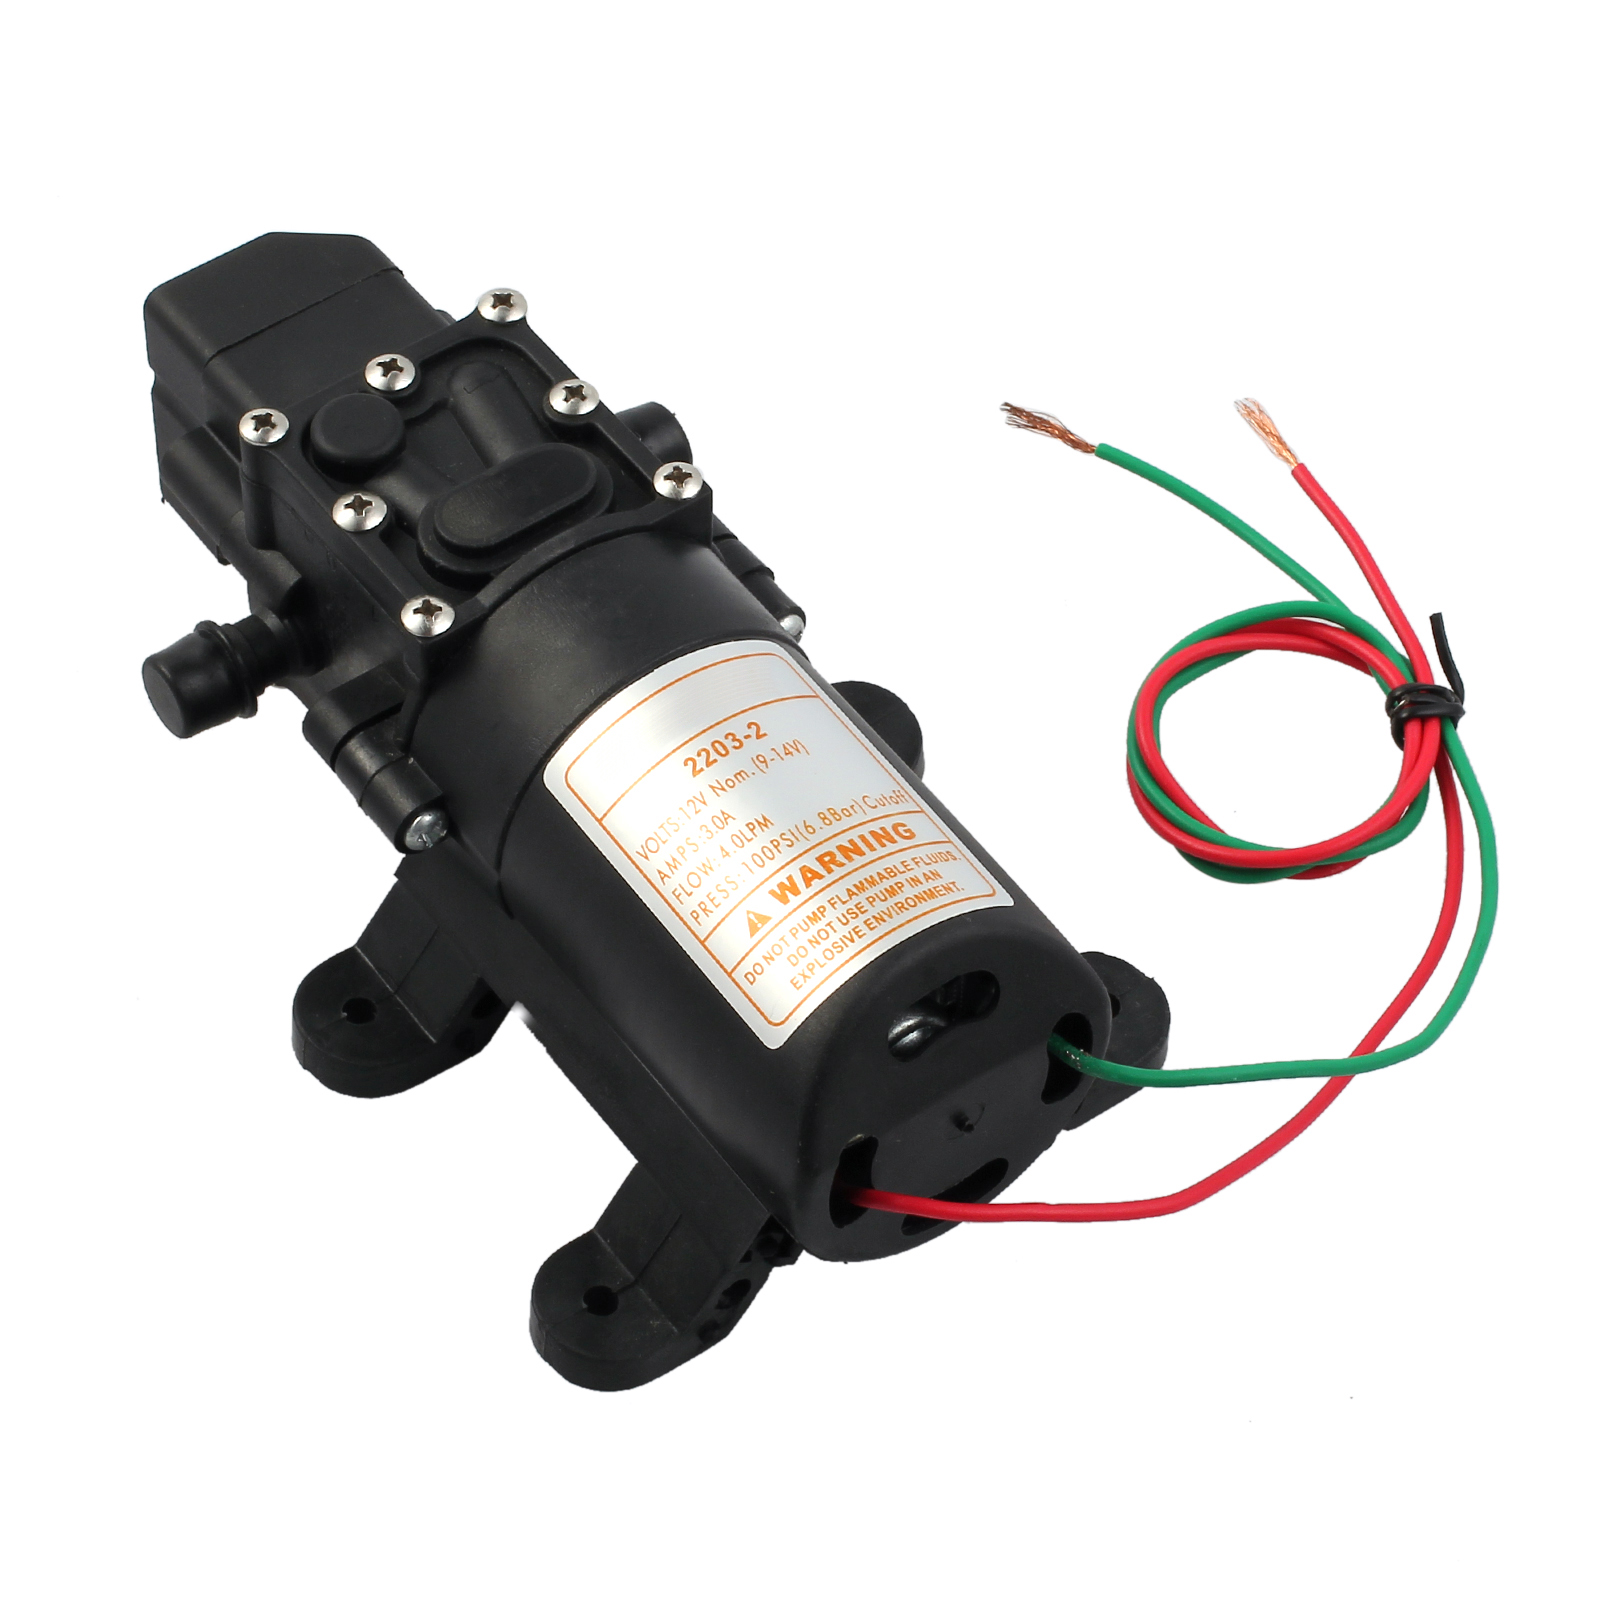 12v wasser pumpe druckwasserpumpe wasserpumpe trinkwasserpumpe automatik druck 711583415661 ebay. Black Bedroom Furniture Sets. Home Design Ideas